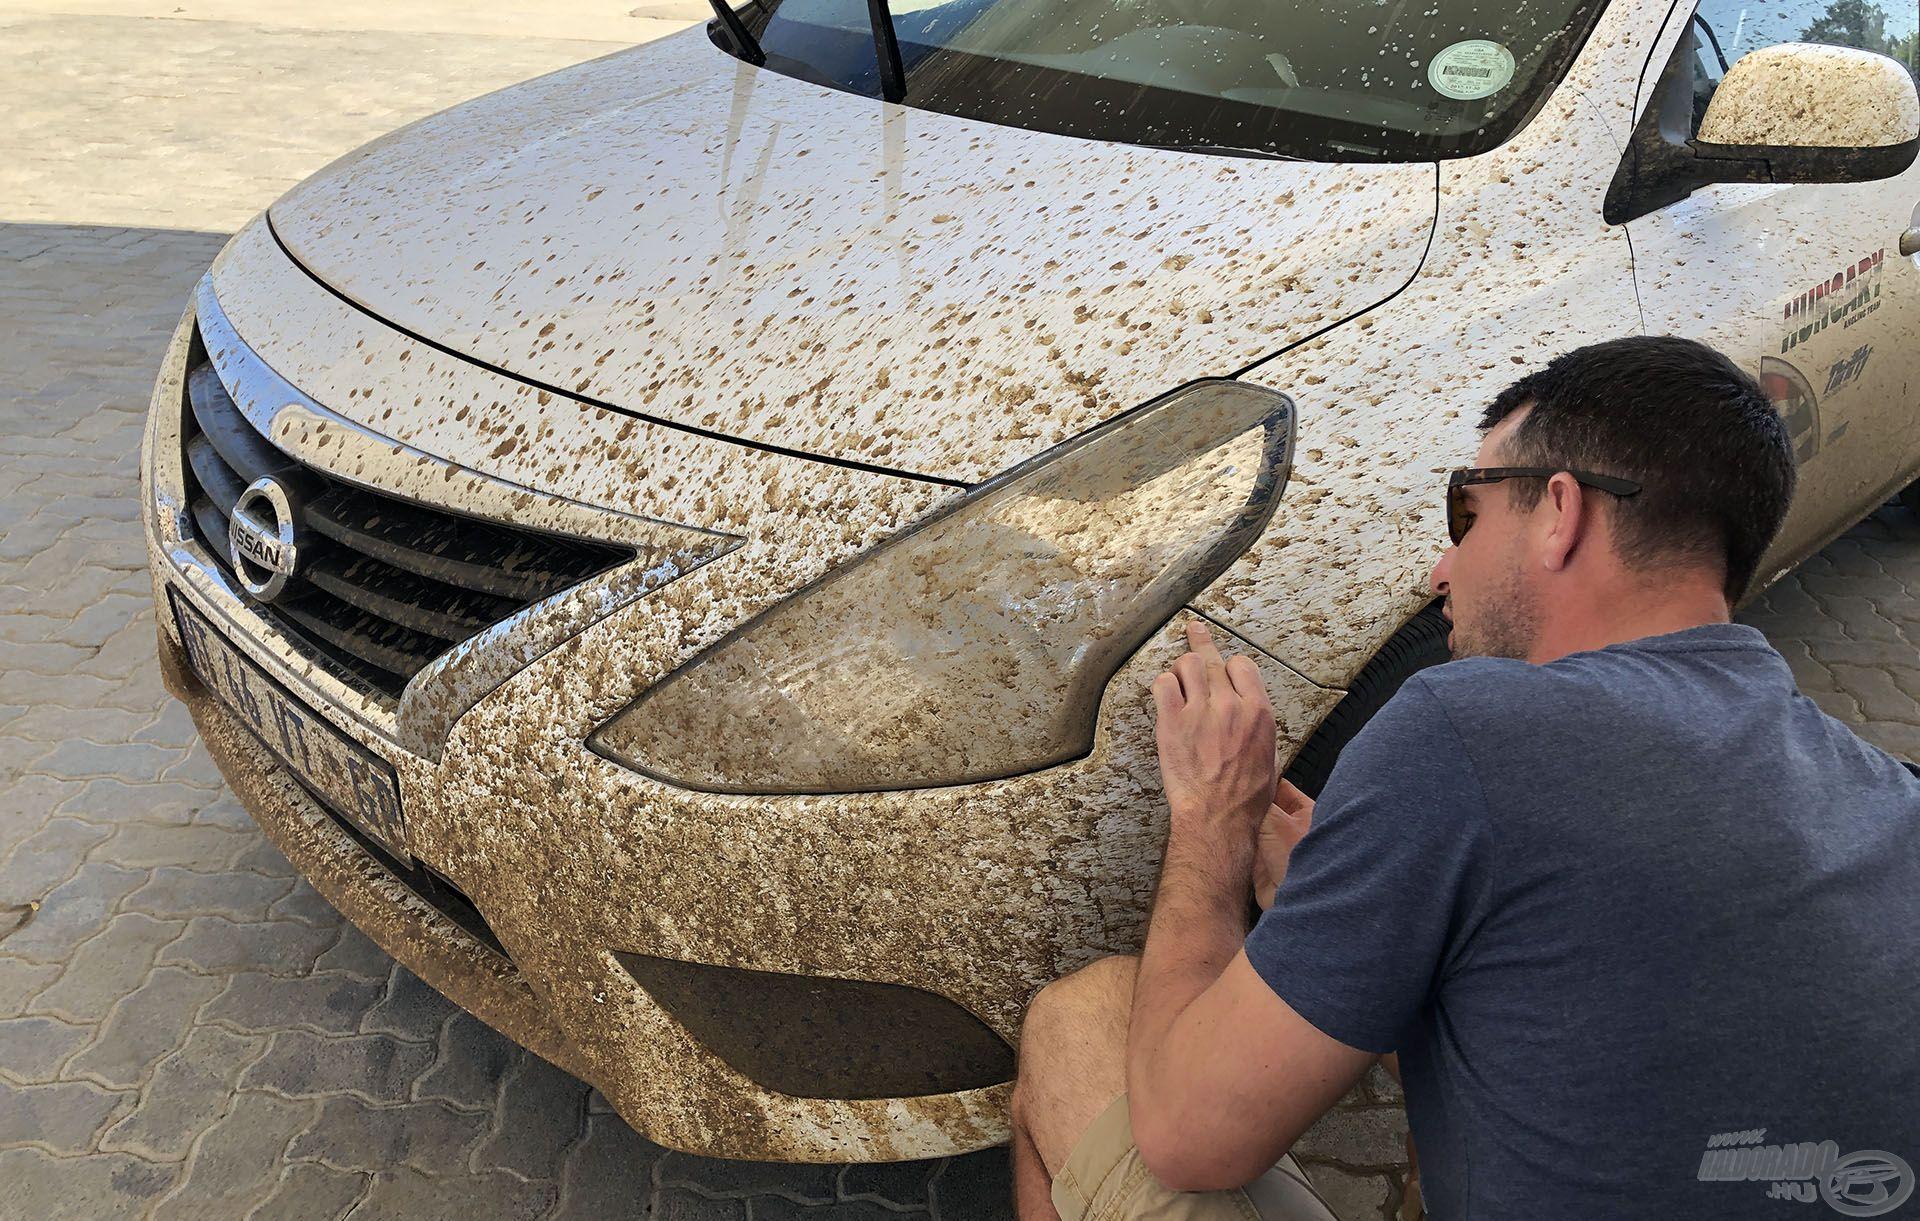 Javaslom, Dél-Afrikából ne vegyetek használt Nissan gépkocsikat, mert sok mindent kellett a kocsiknak kibírniuk…